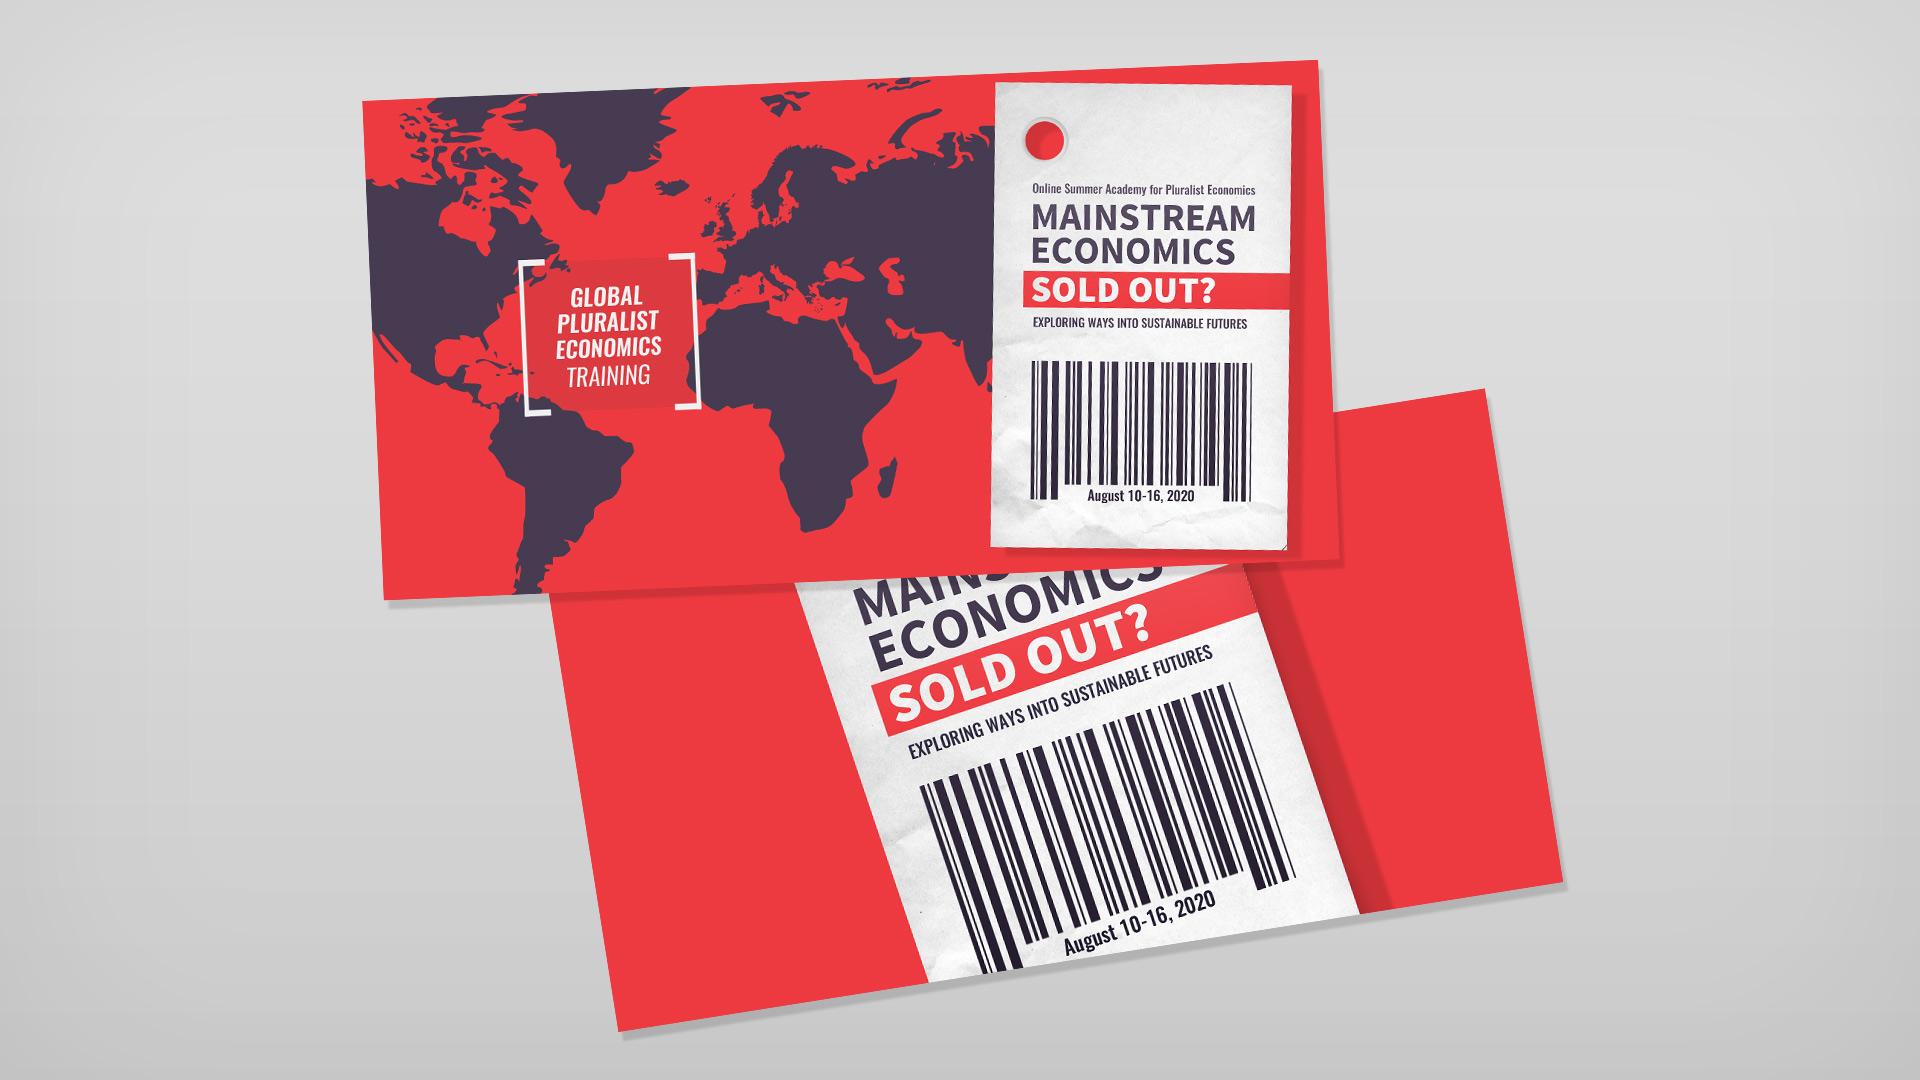 Banner MAINSTREAM ECONOMICS SOLD OUT? | 4. Internationale Sommerakademie für Plurale Ökonomik